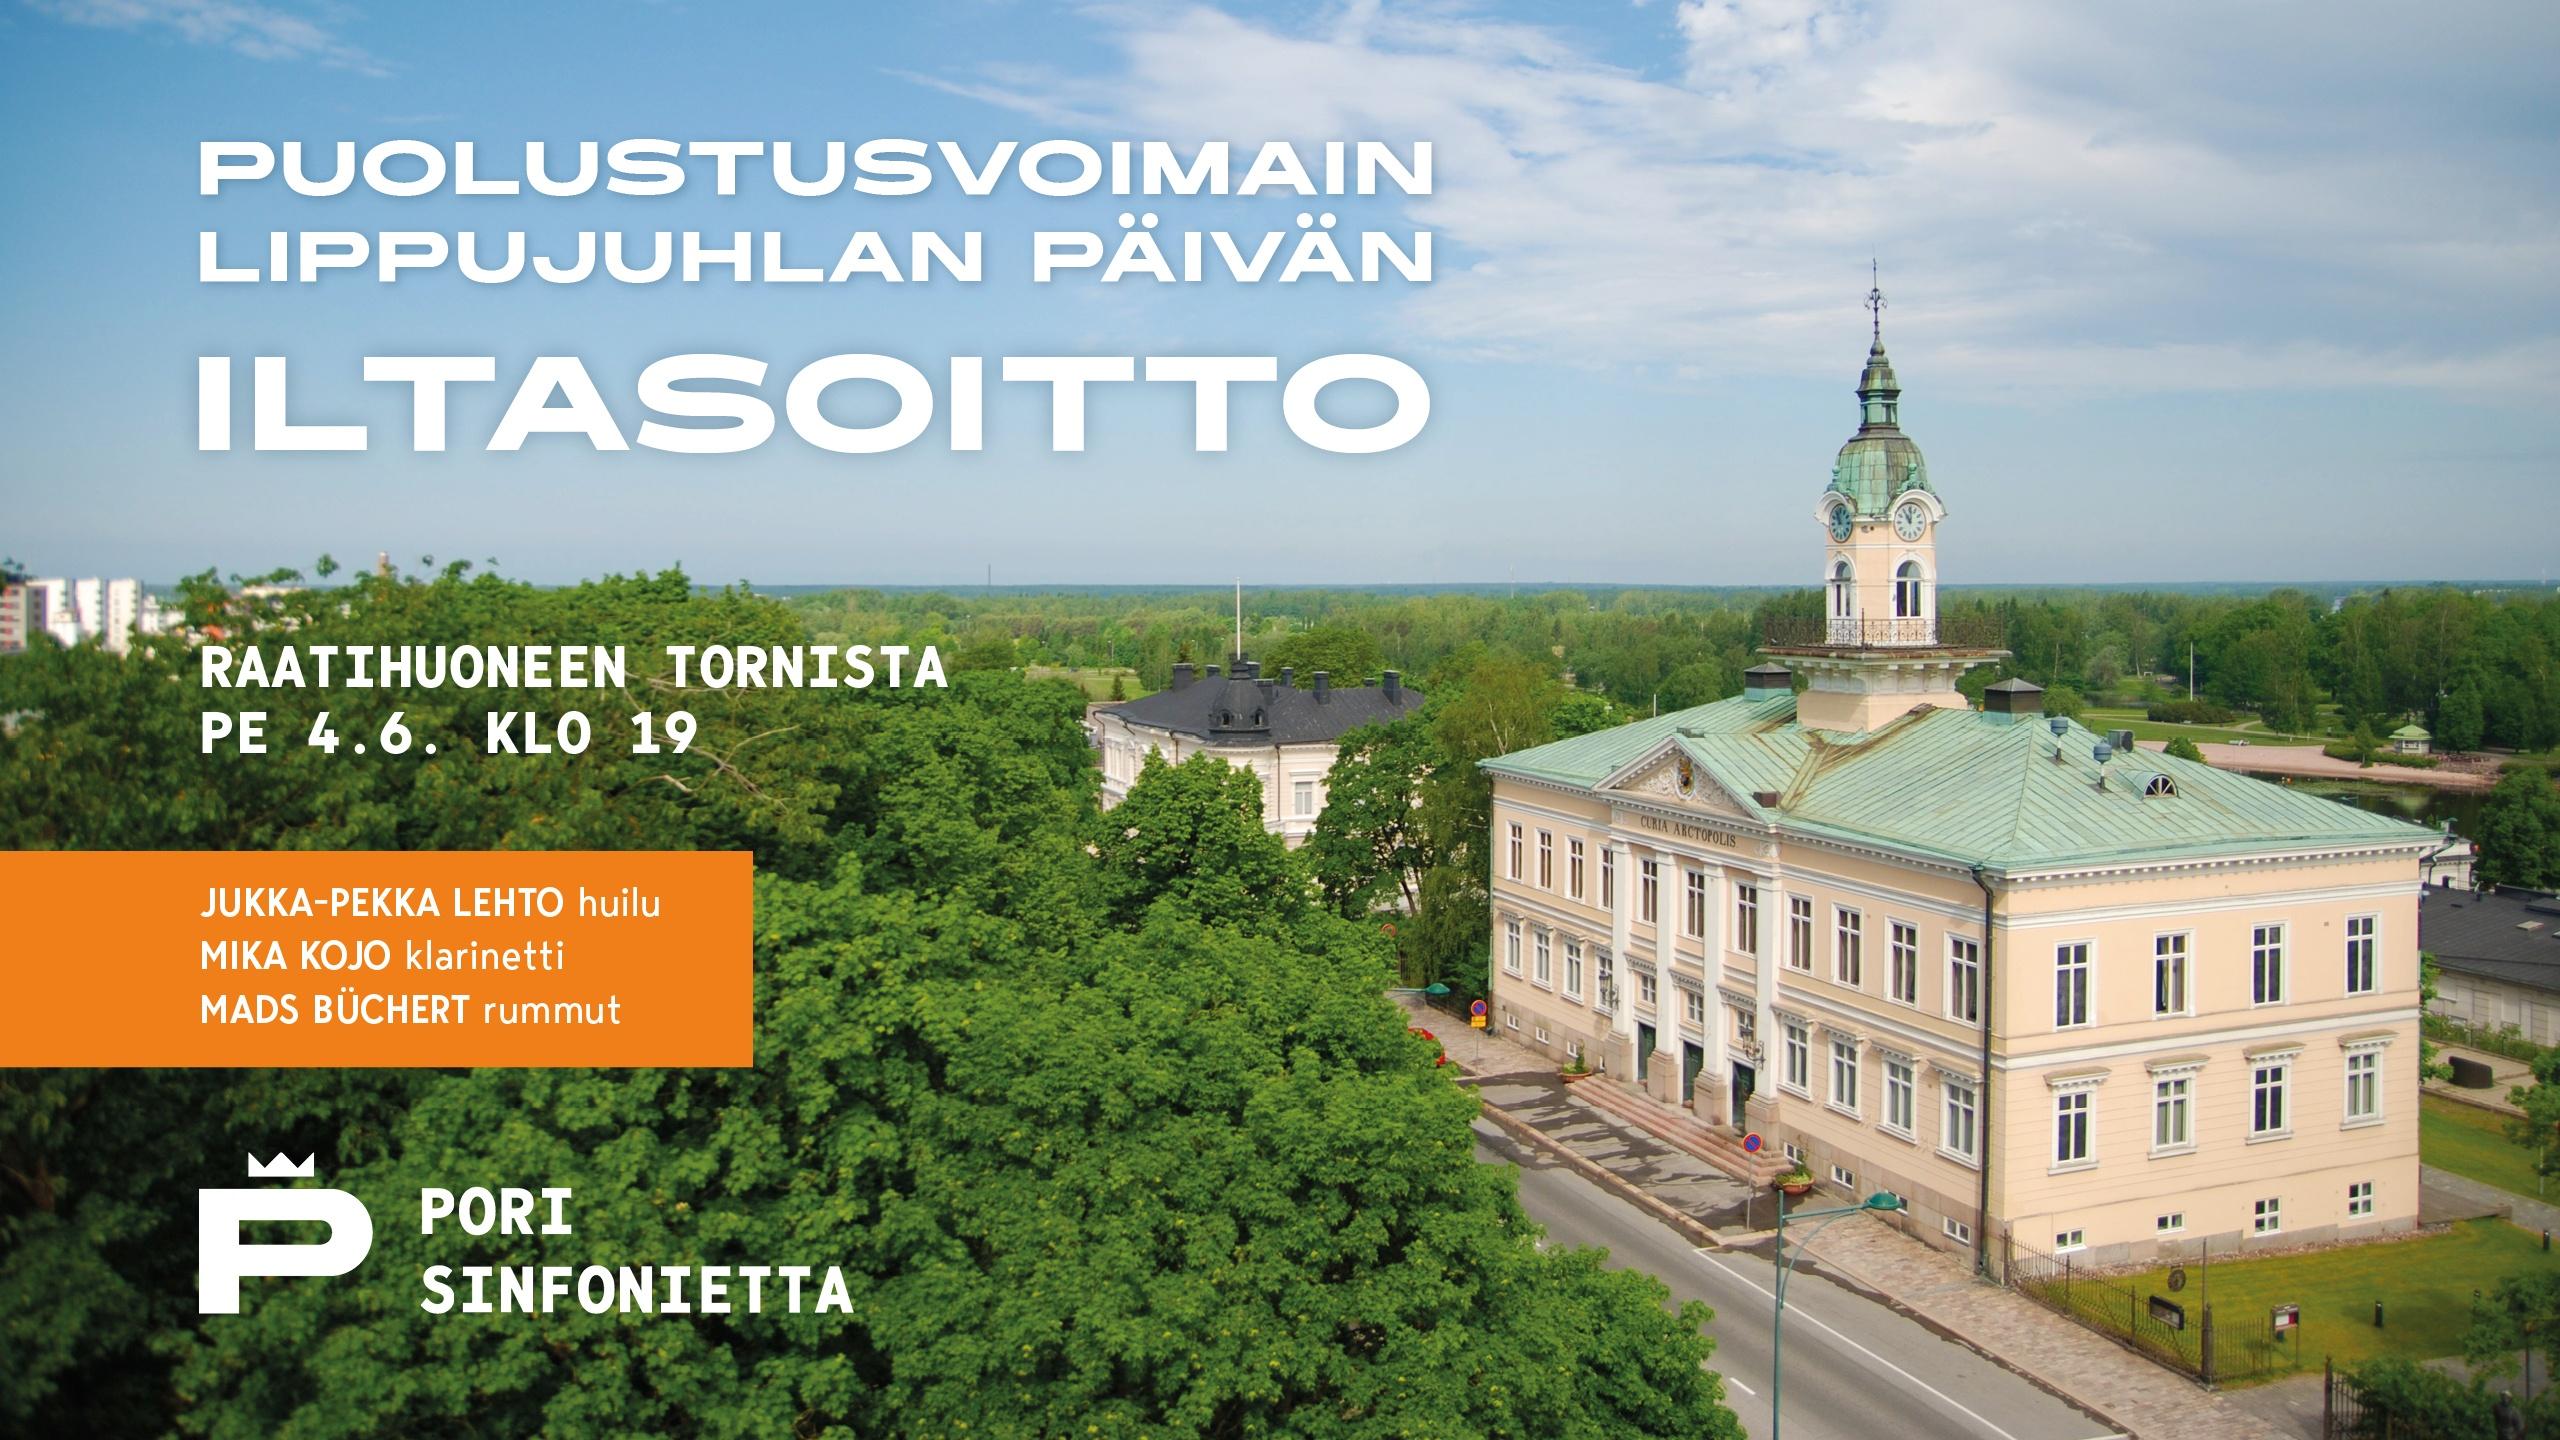 Pori Sinfonietta: Puolustusvoimain lippujuhlan päivän iltasoitto